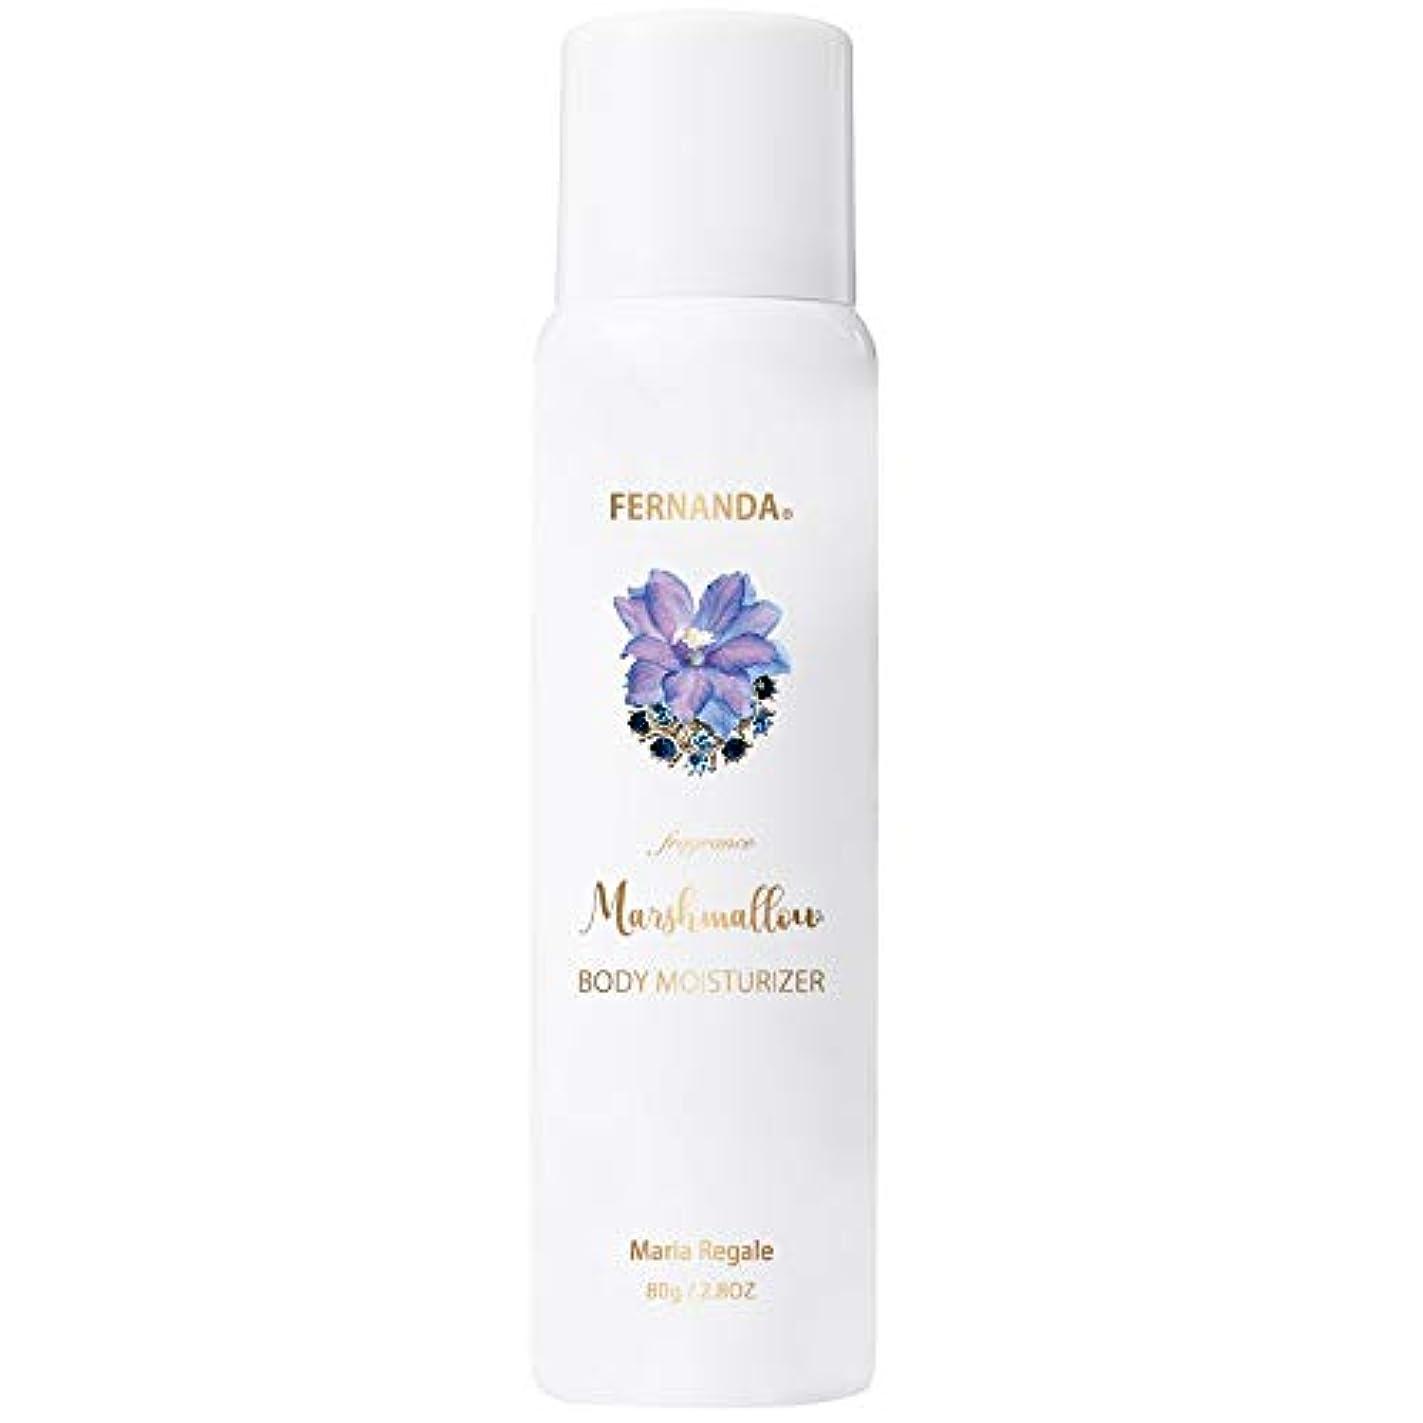 一晩除去ずるいFERNANDA(フェルナンダ) Marshmallow Body Moisturizer Maria Regale (マシュマロ ボディ モイスチャライザー マリアリゲル)